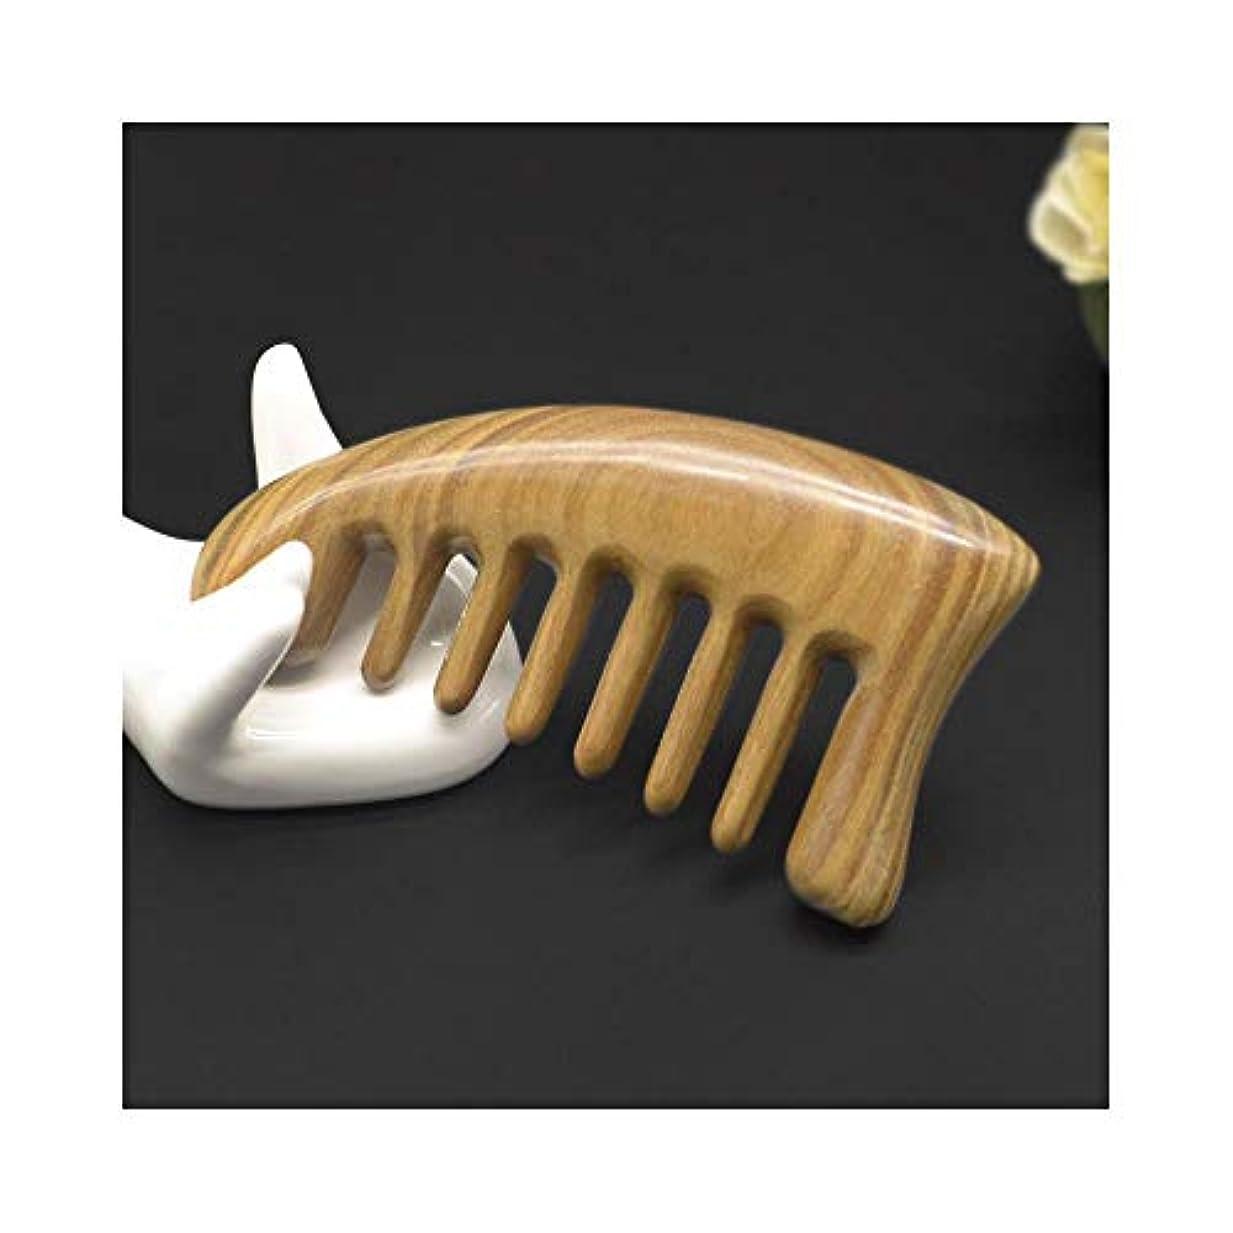 放棄恩赦援助新くしワイド歯ナチュラルグリーンサンダルウッドマッサージくし - 小型のくし ヘアケア (色 : 1879)